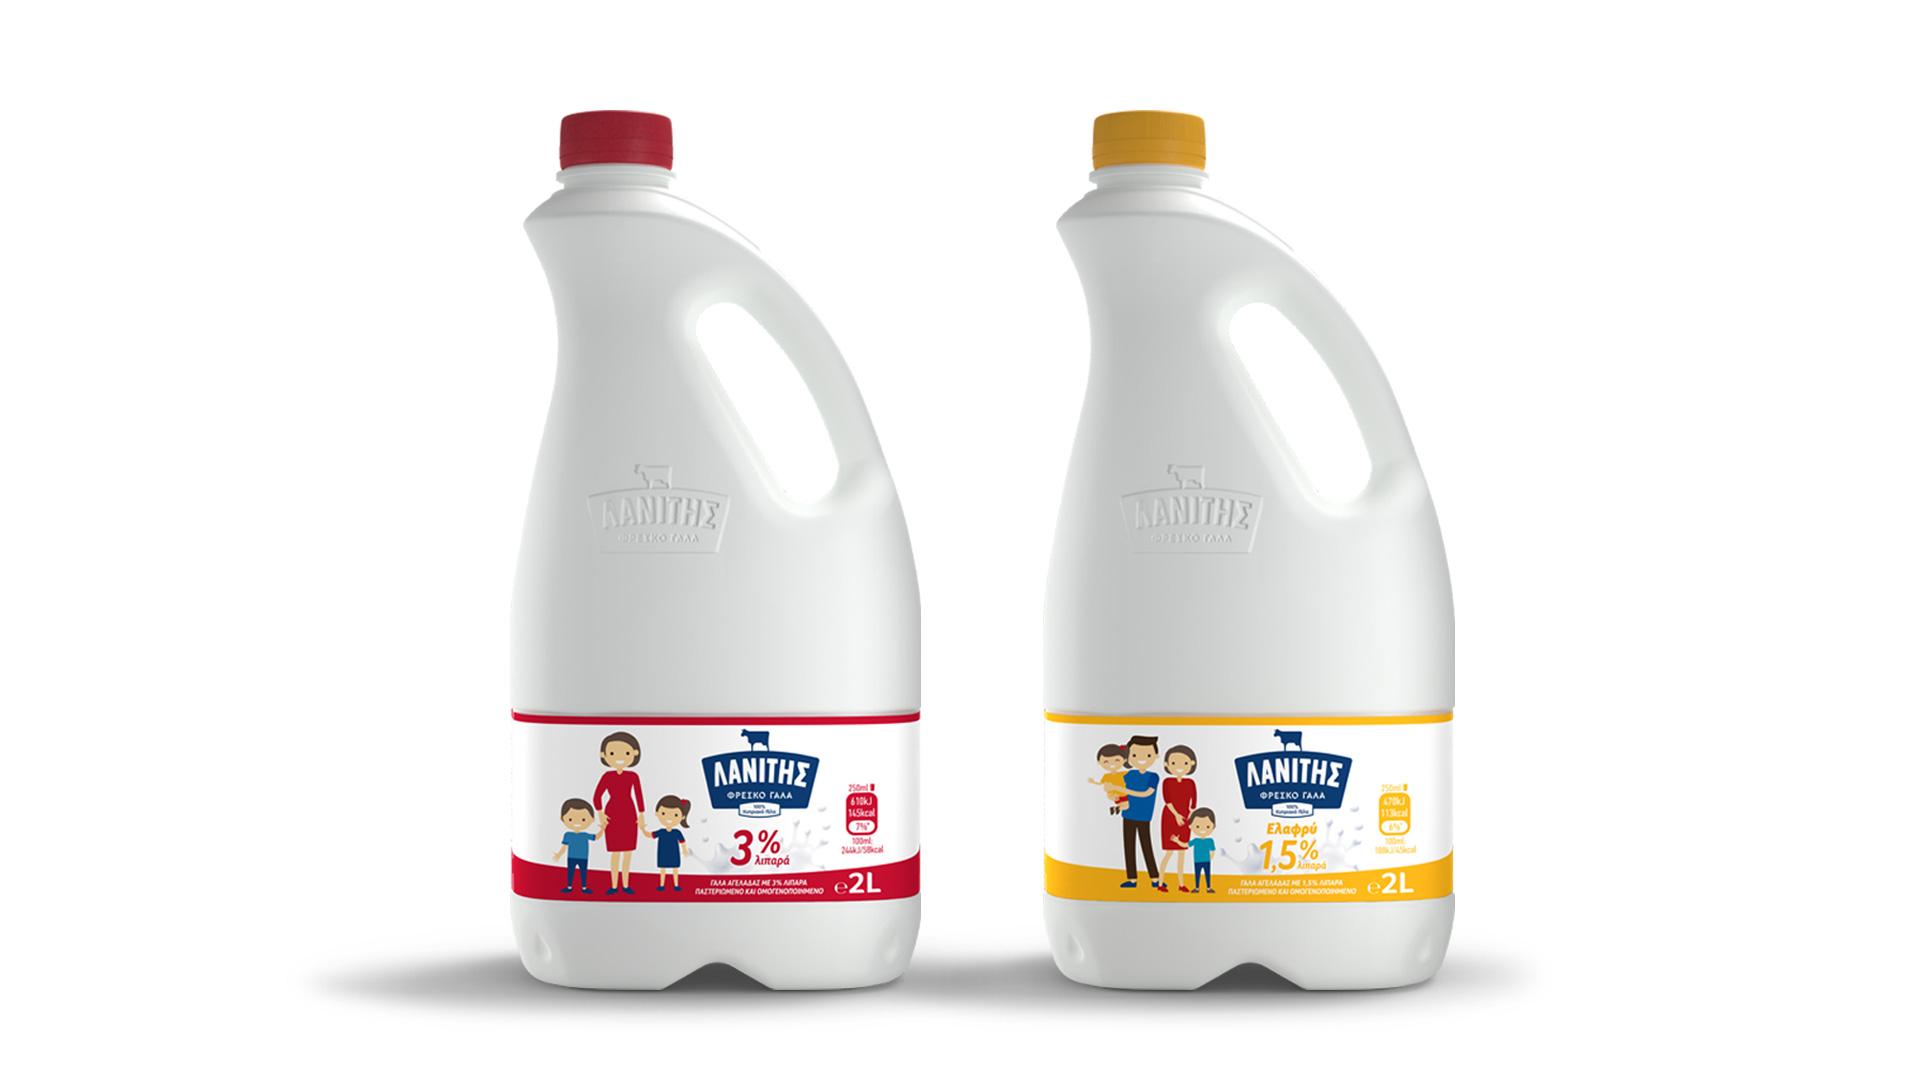 Lanitis Milk Bottles 2lt range